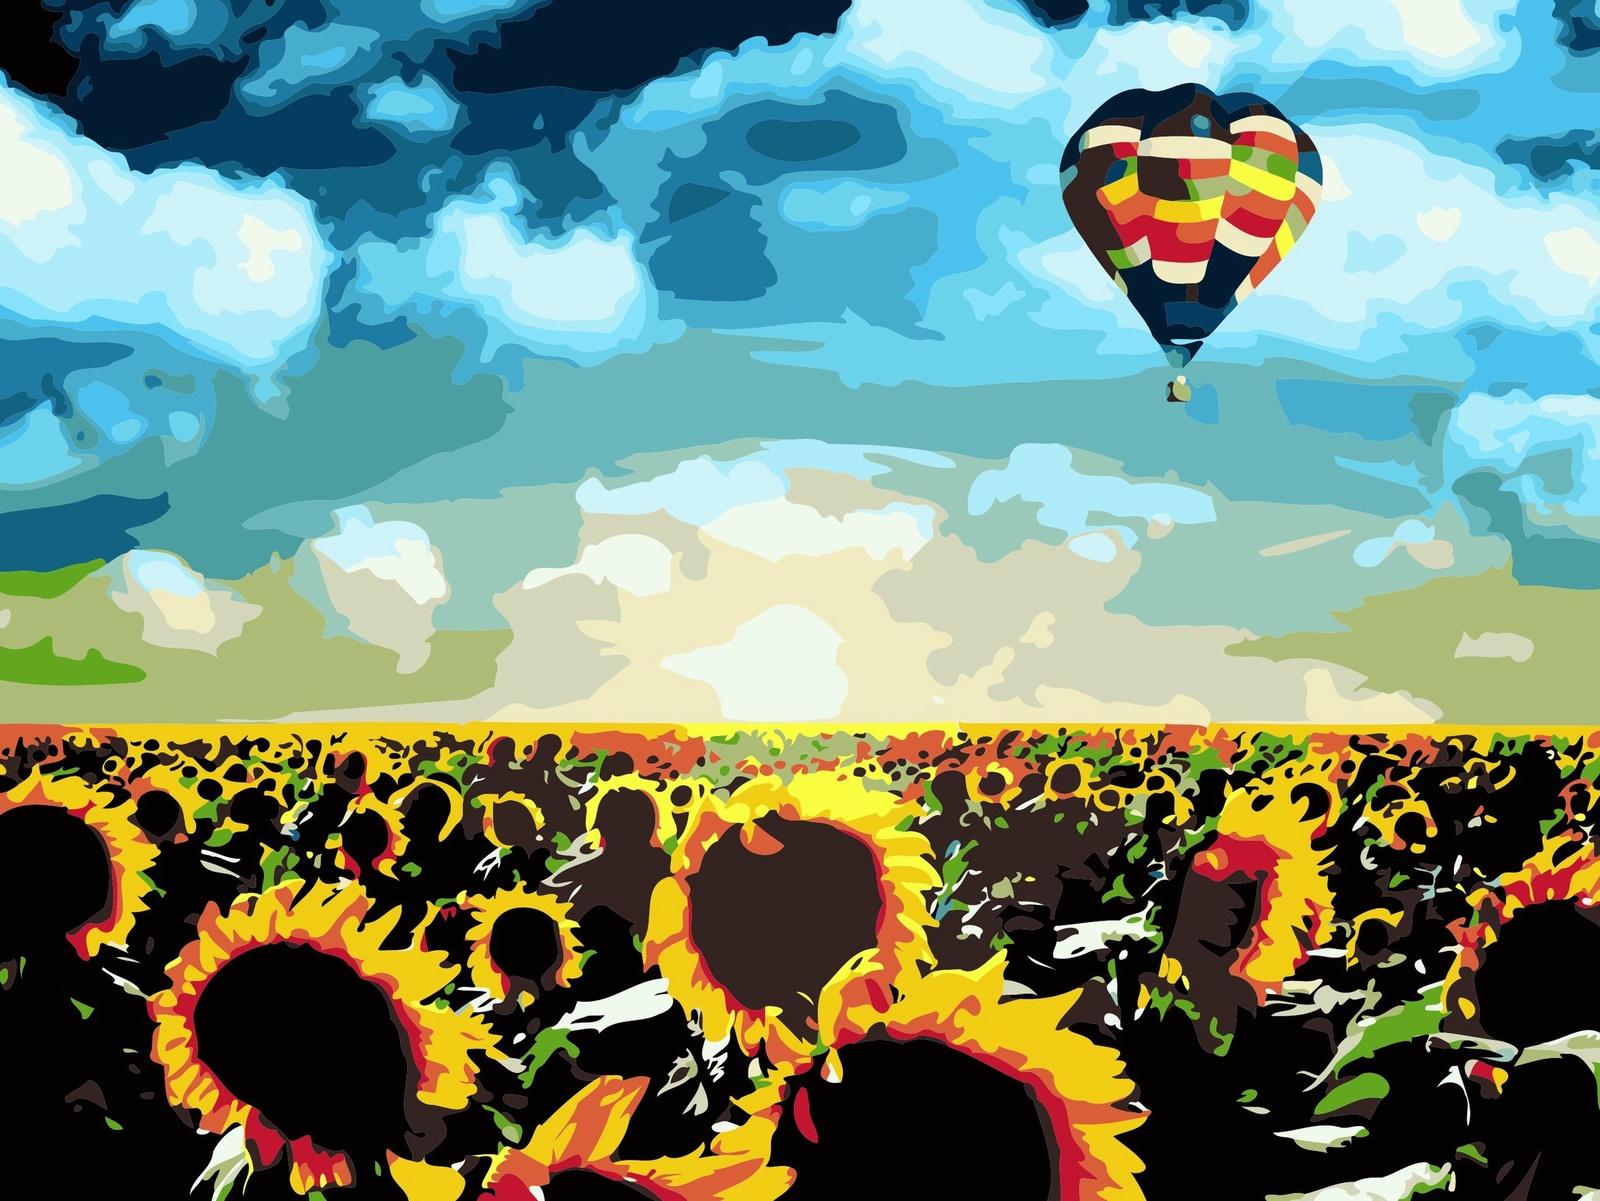 цвет лето картинки красивые яркие веселые массовый